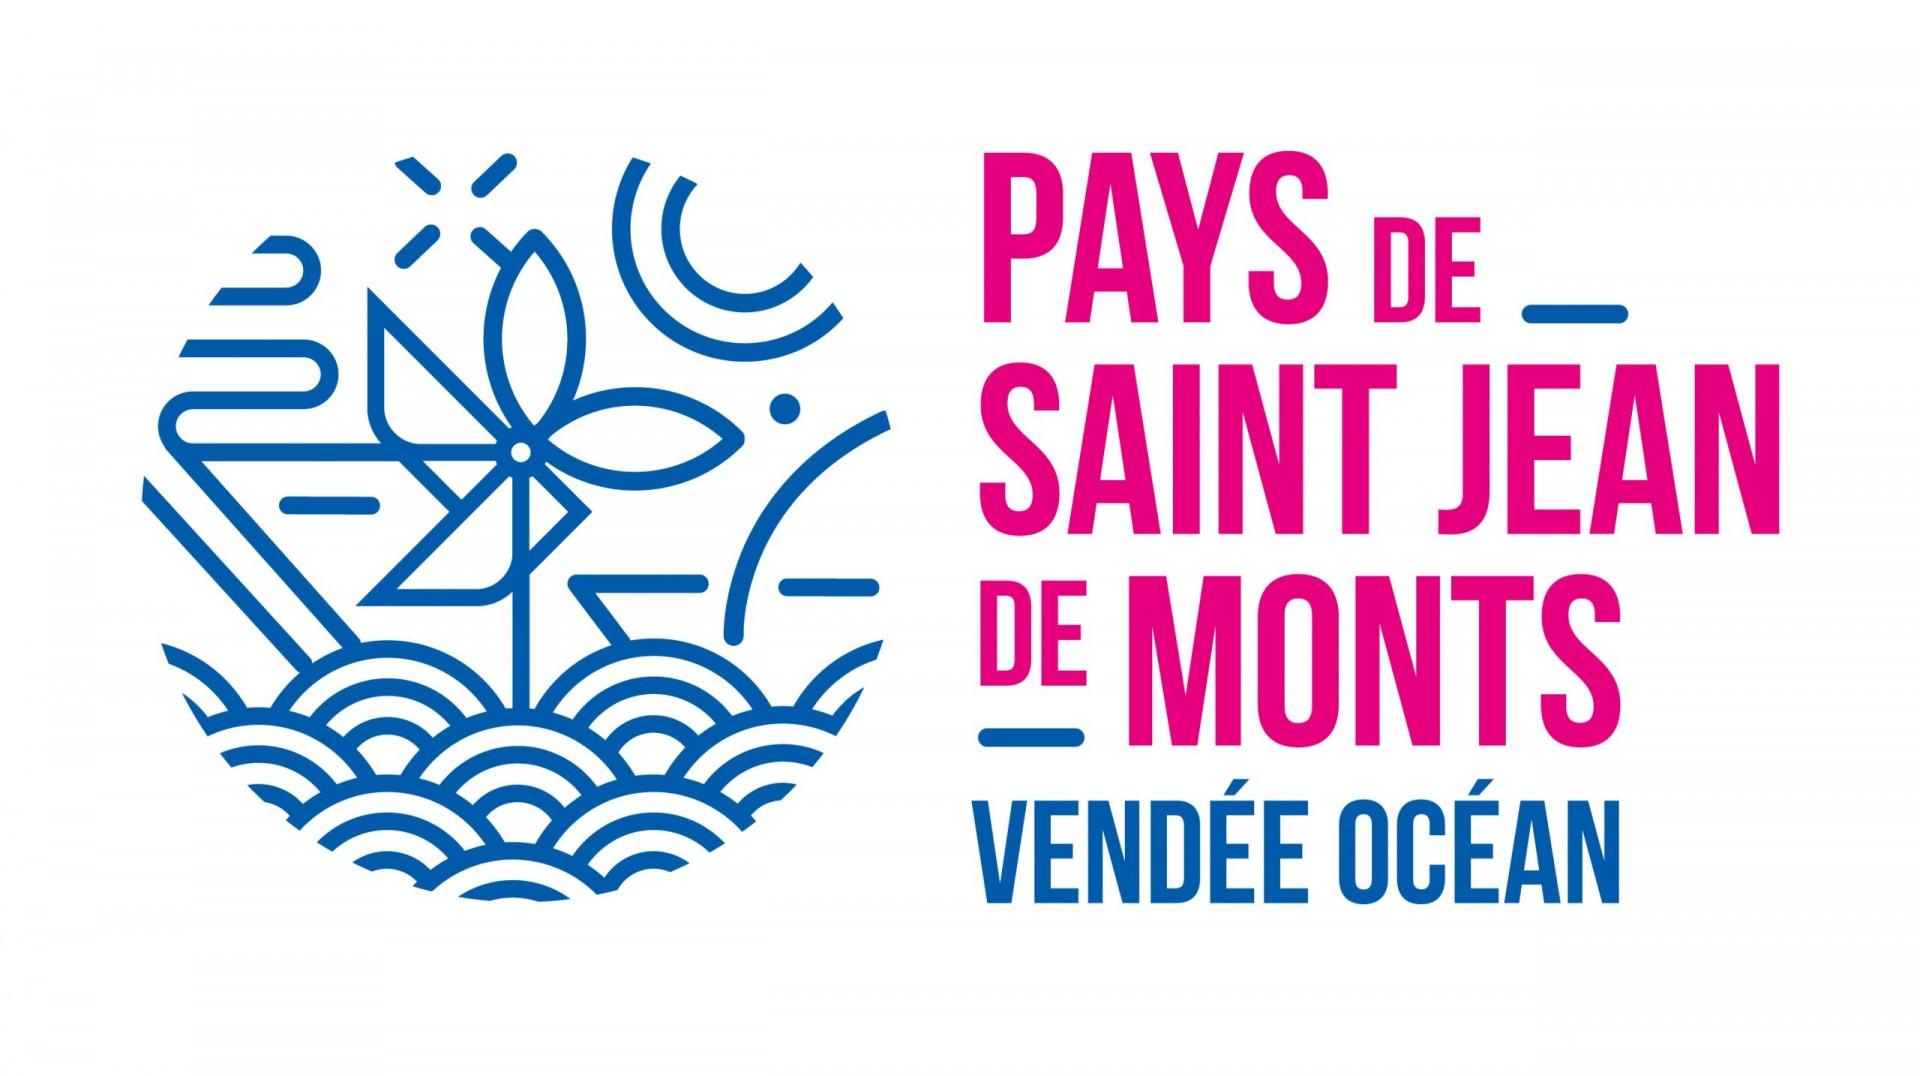 pays-de-saint-jean-de-monts-logo-rose-scaled-950